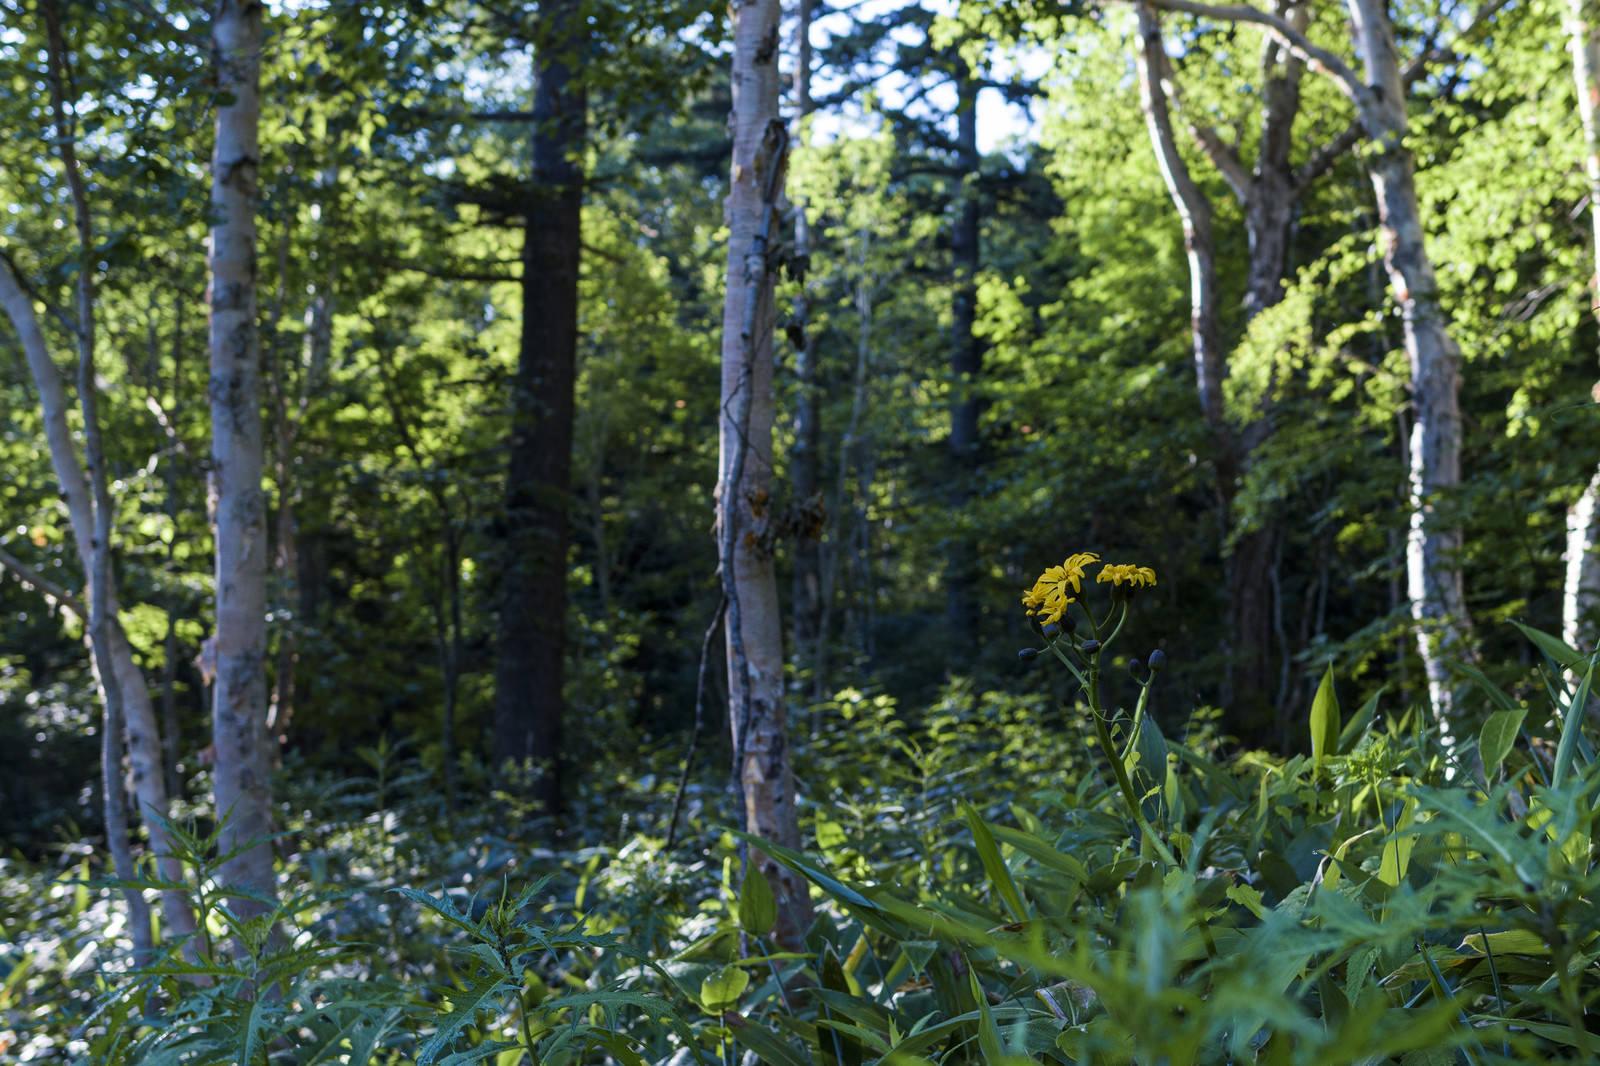 「尾瀬の森に咲くマルバダケブキ」の写真